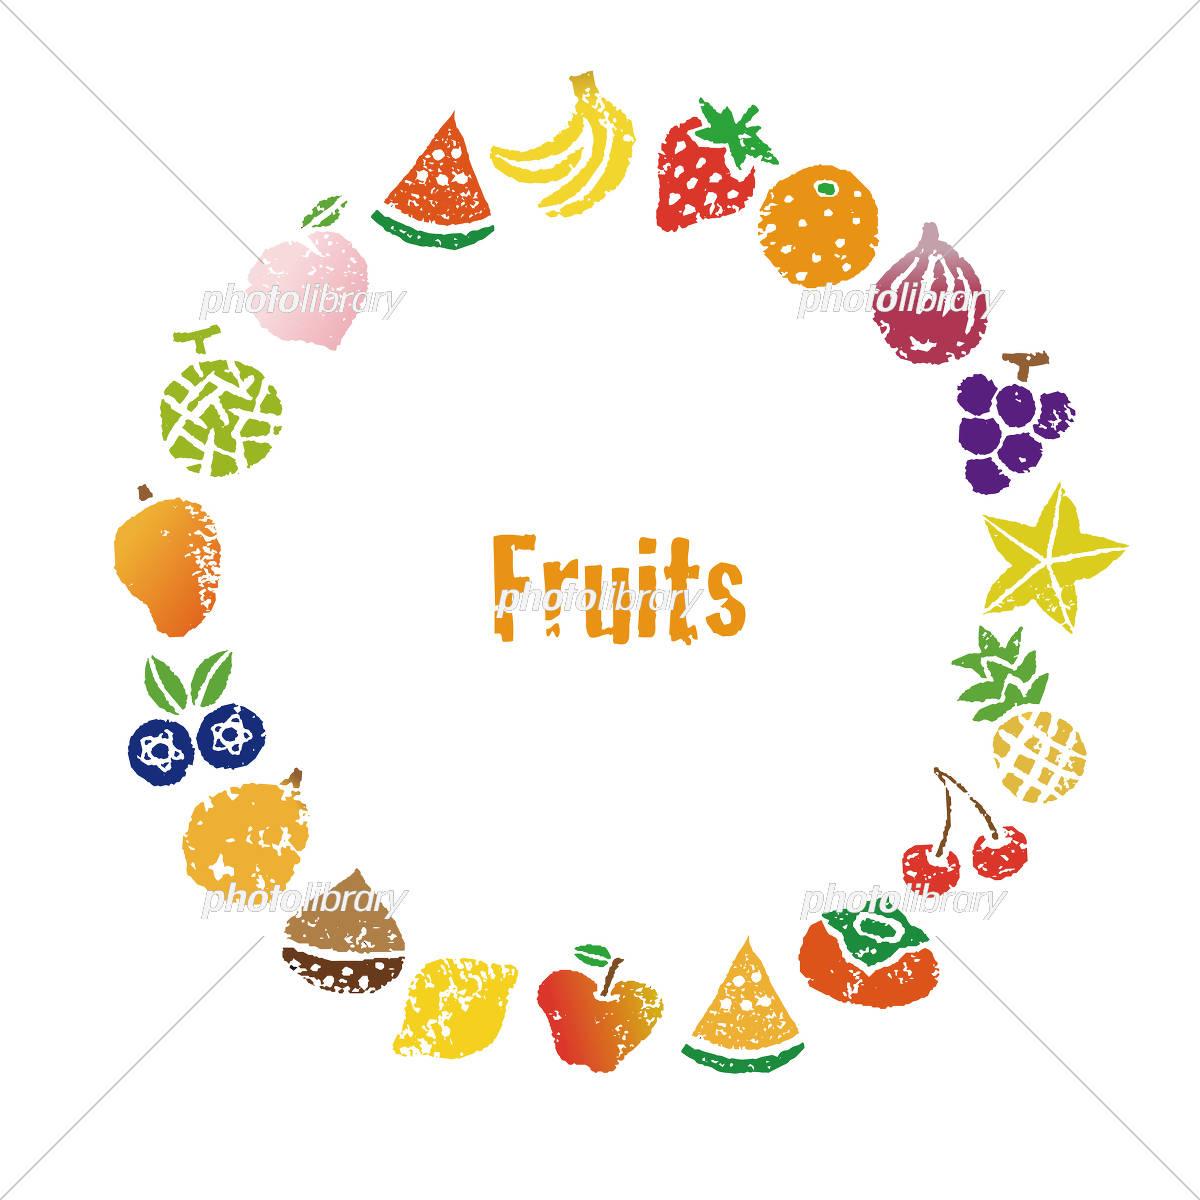 いろいろな果物のリース 円形フレームデザイン イラスト素材 [ 5370013